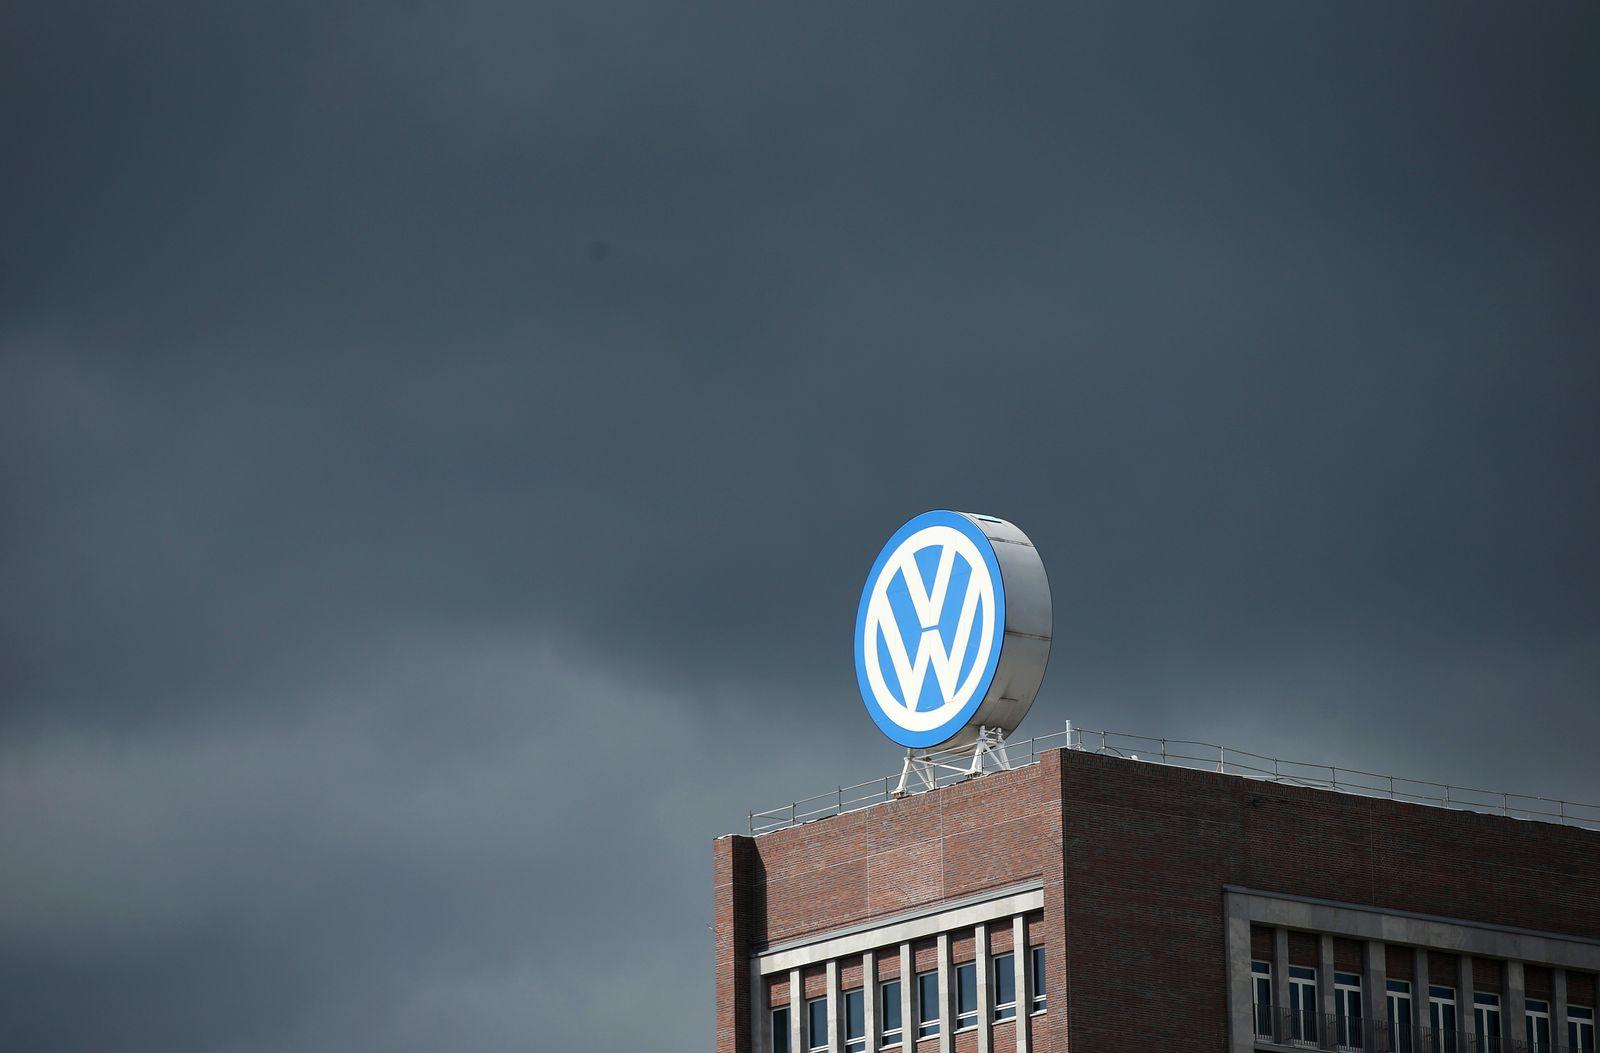 VOLKSWAGEN / Milliardenbußgeld gegen VW